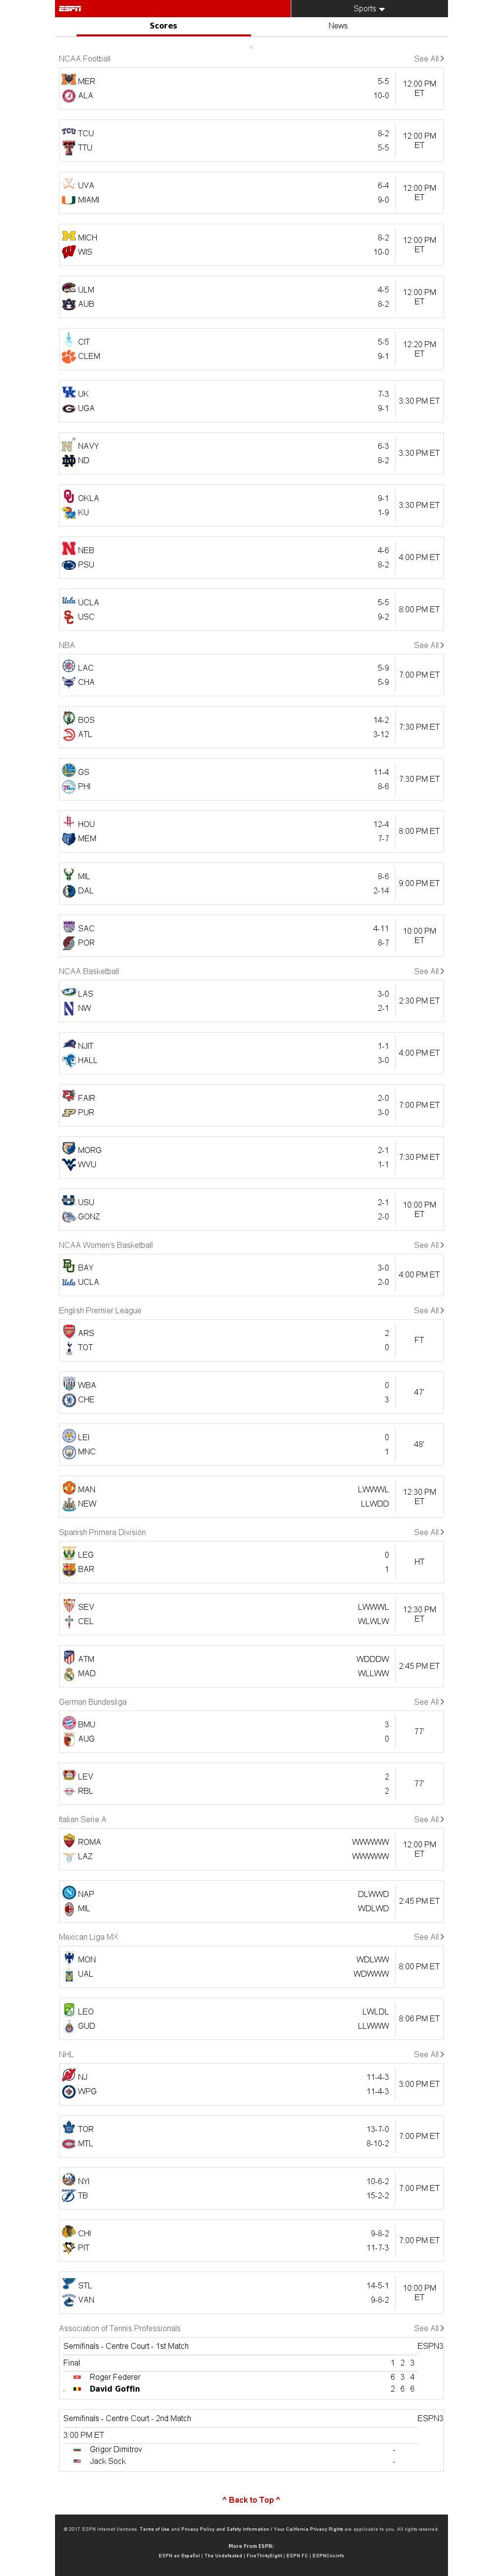 ESPN at Saturday Nov. 18, 2017, 4:06 p.m. UTC